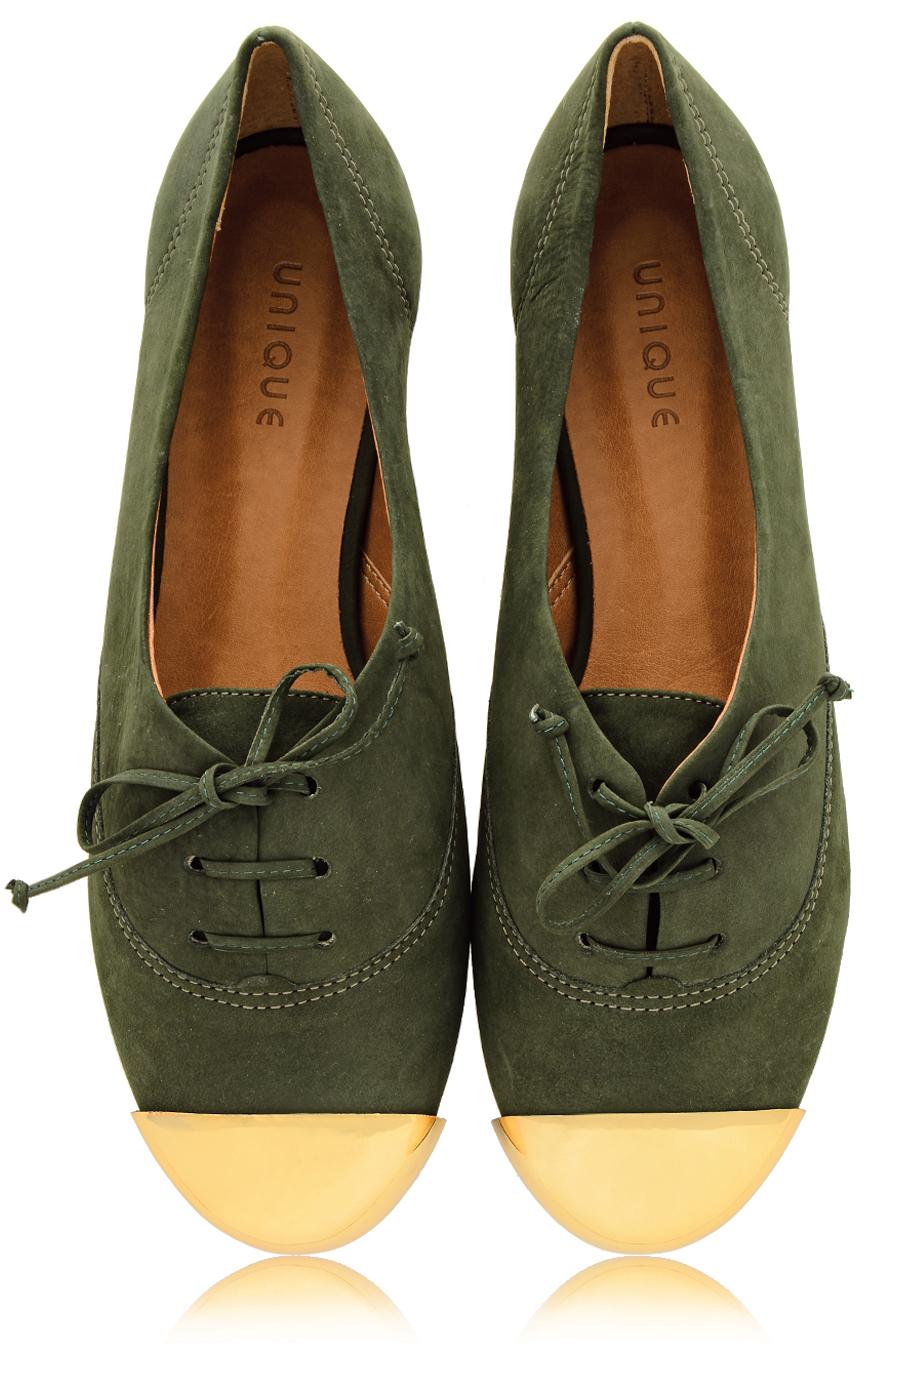 MISS UNIQUE ESTER Olive Lace Up Flats - SHOES | FLATS | Lace Ups | PRET-A-BEAUTE.COM